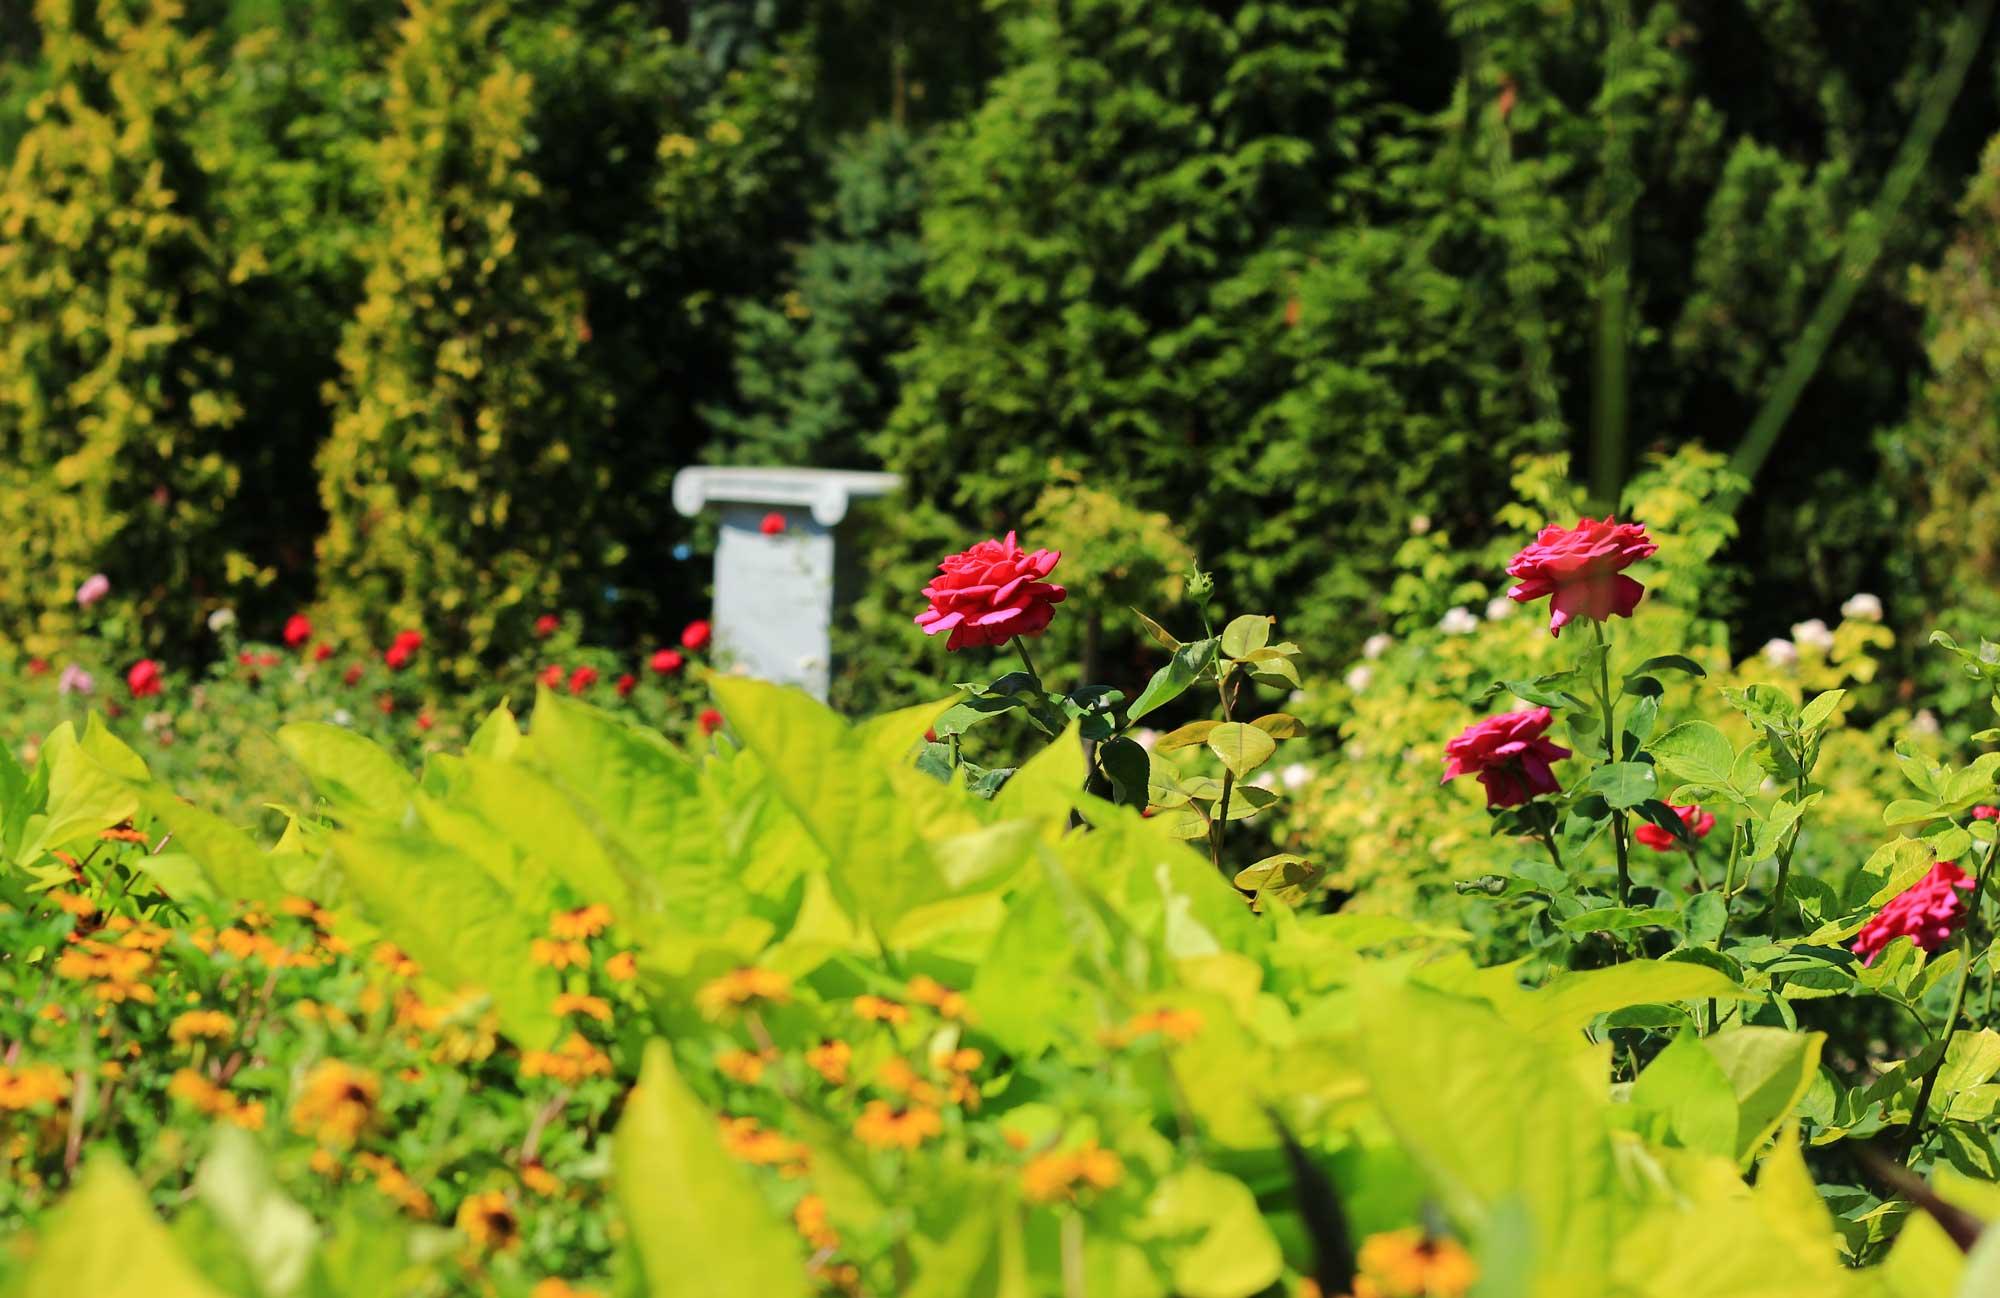 королевские розы в изобилии